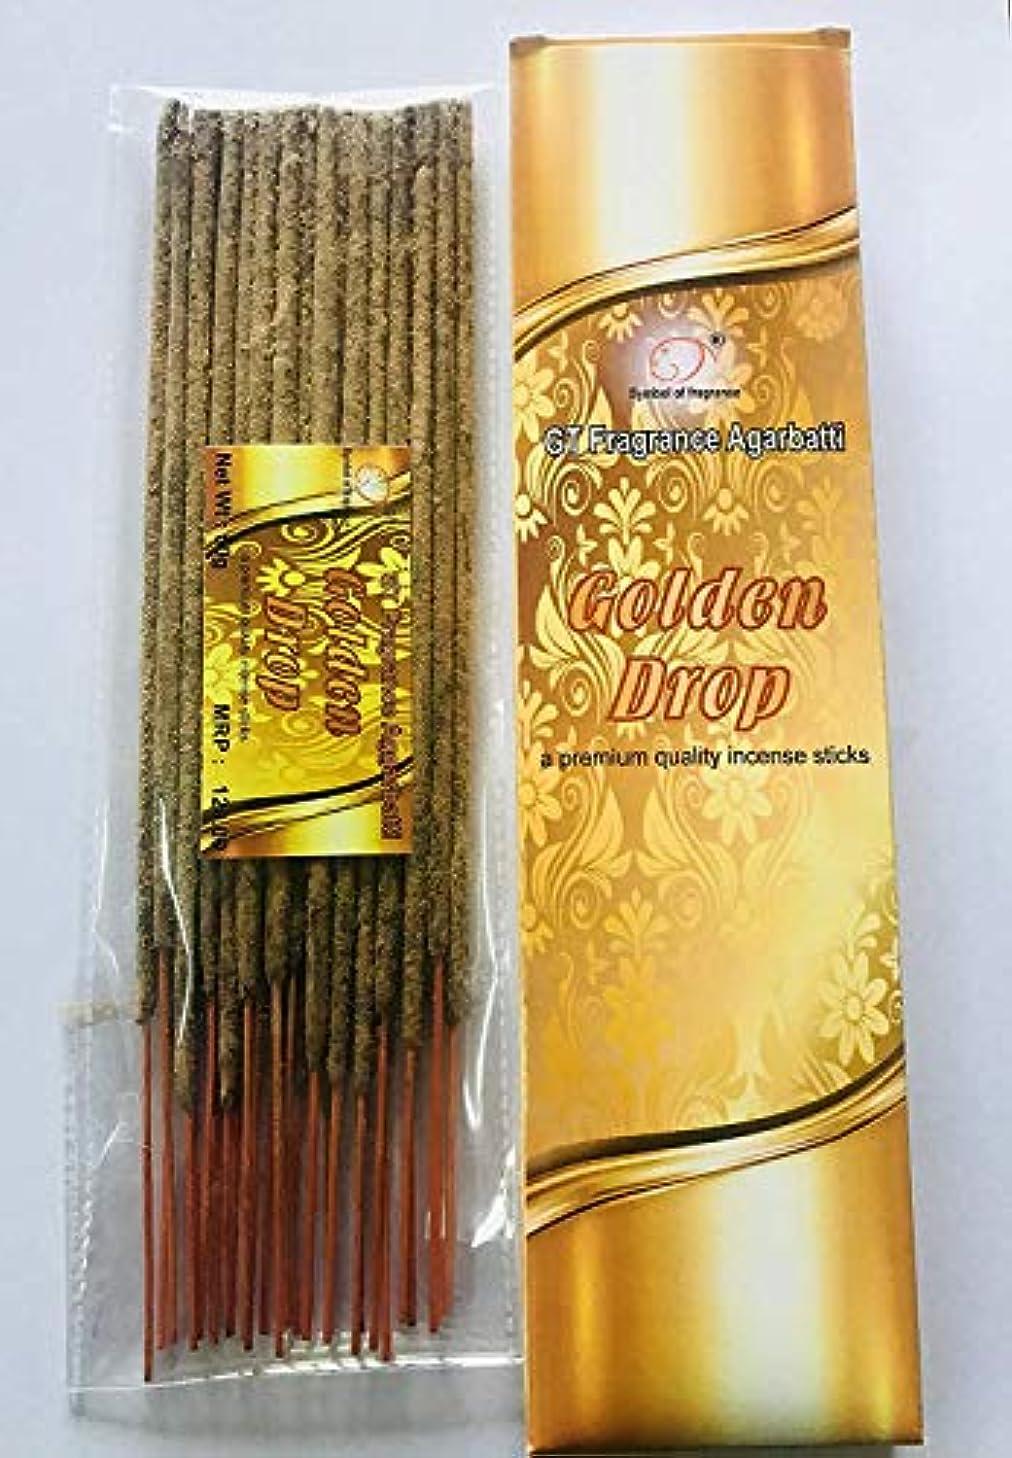 ダウン注入する発明Golden Drop. Bundle of 2 Packs, a Premium Quality Incense sticks-100g